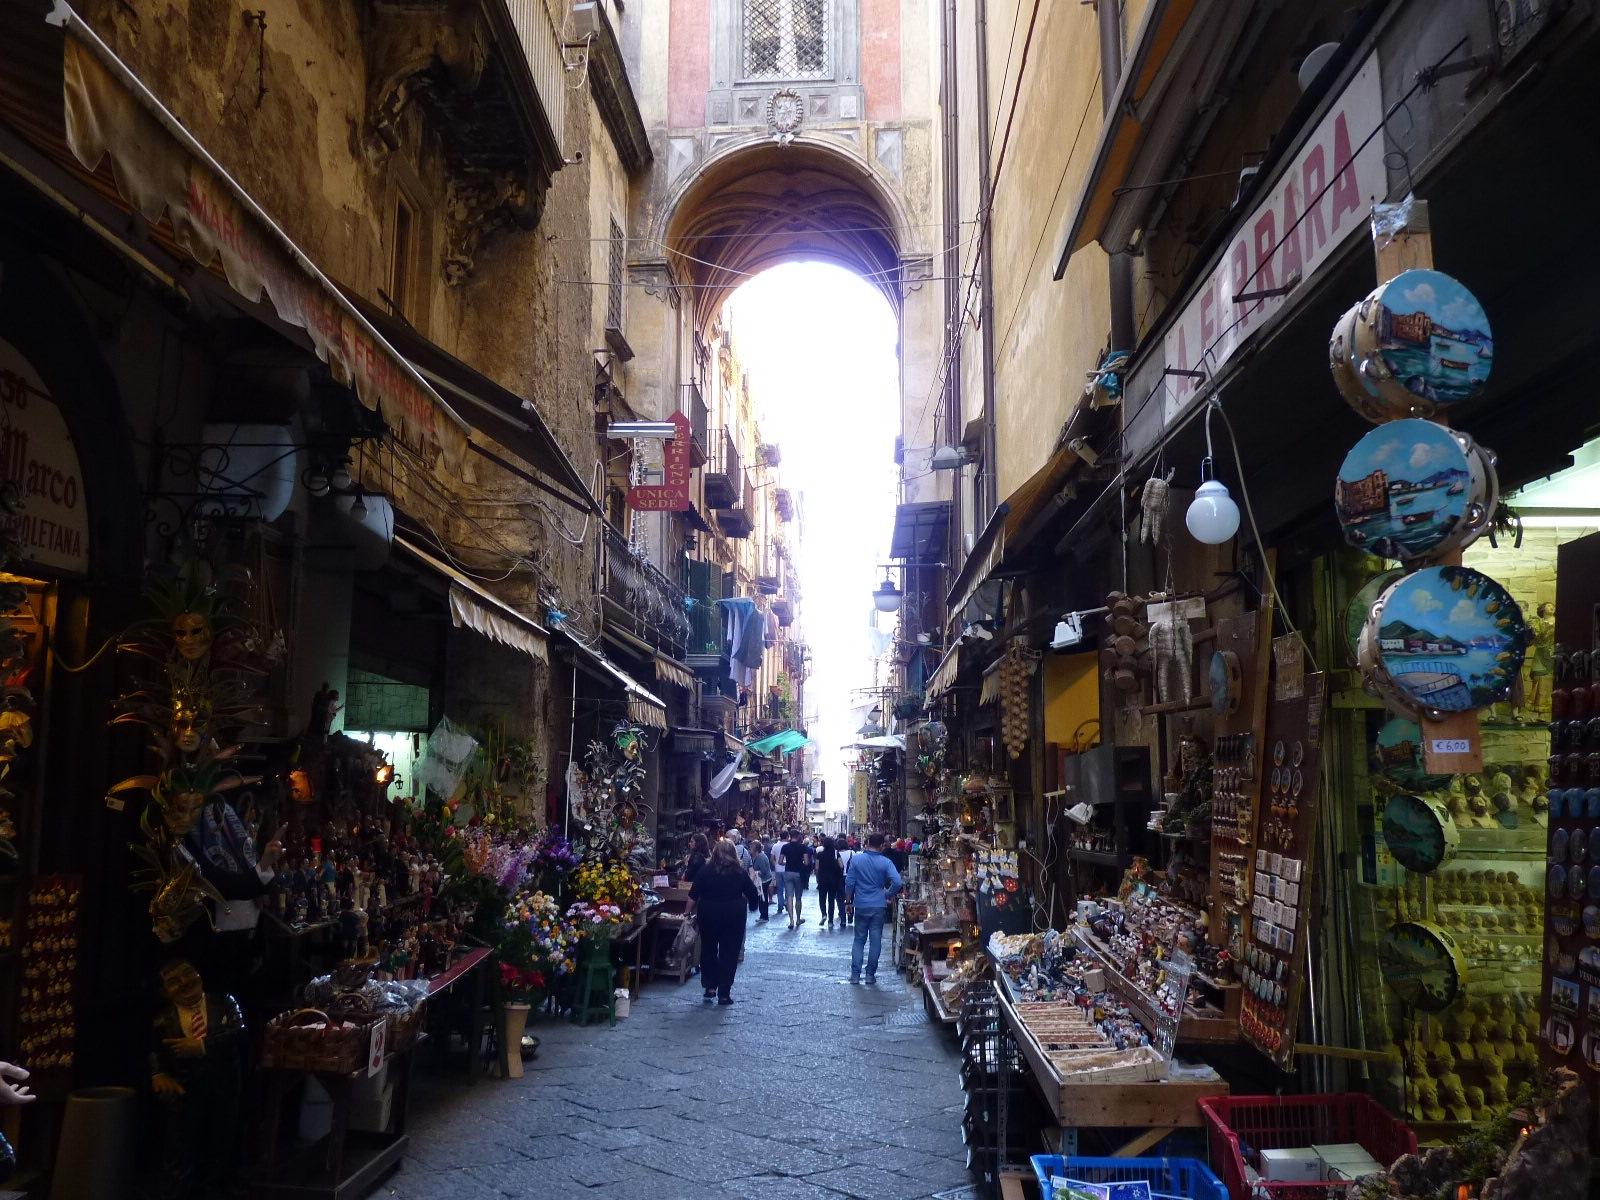 Market-Street-in-Napoli.jpg